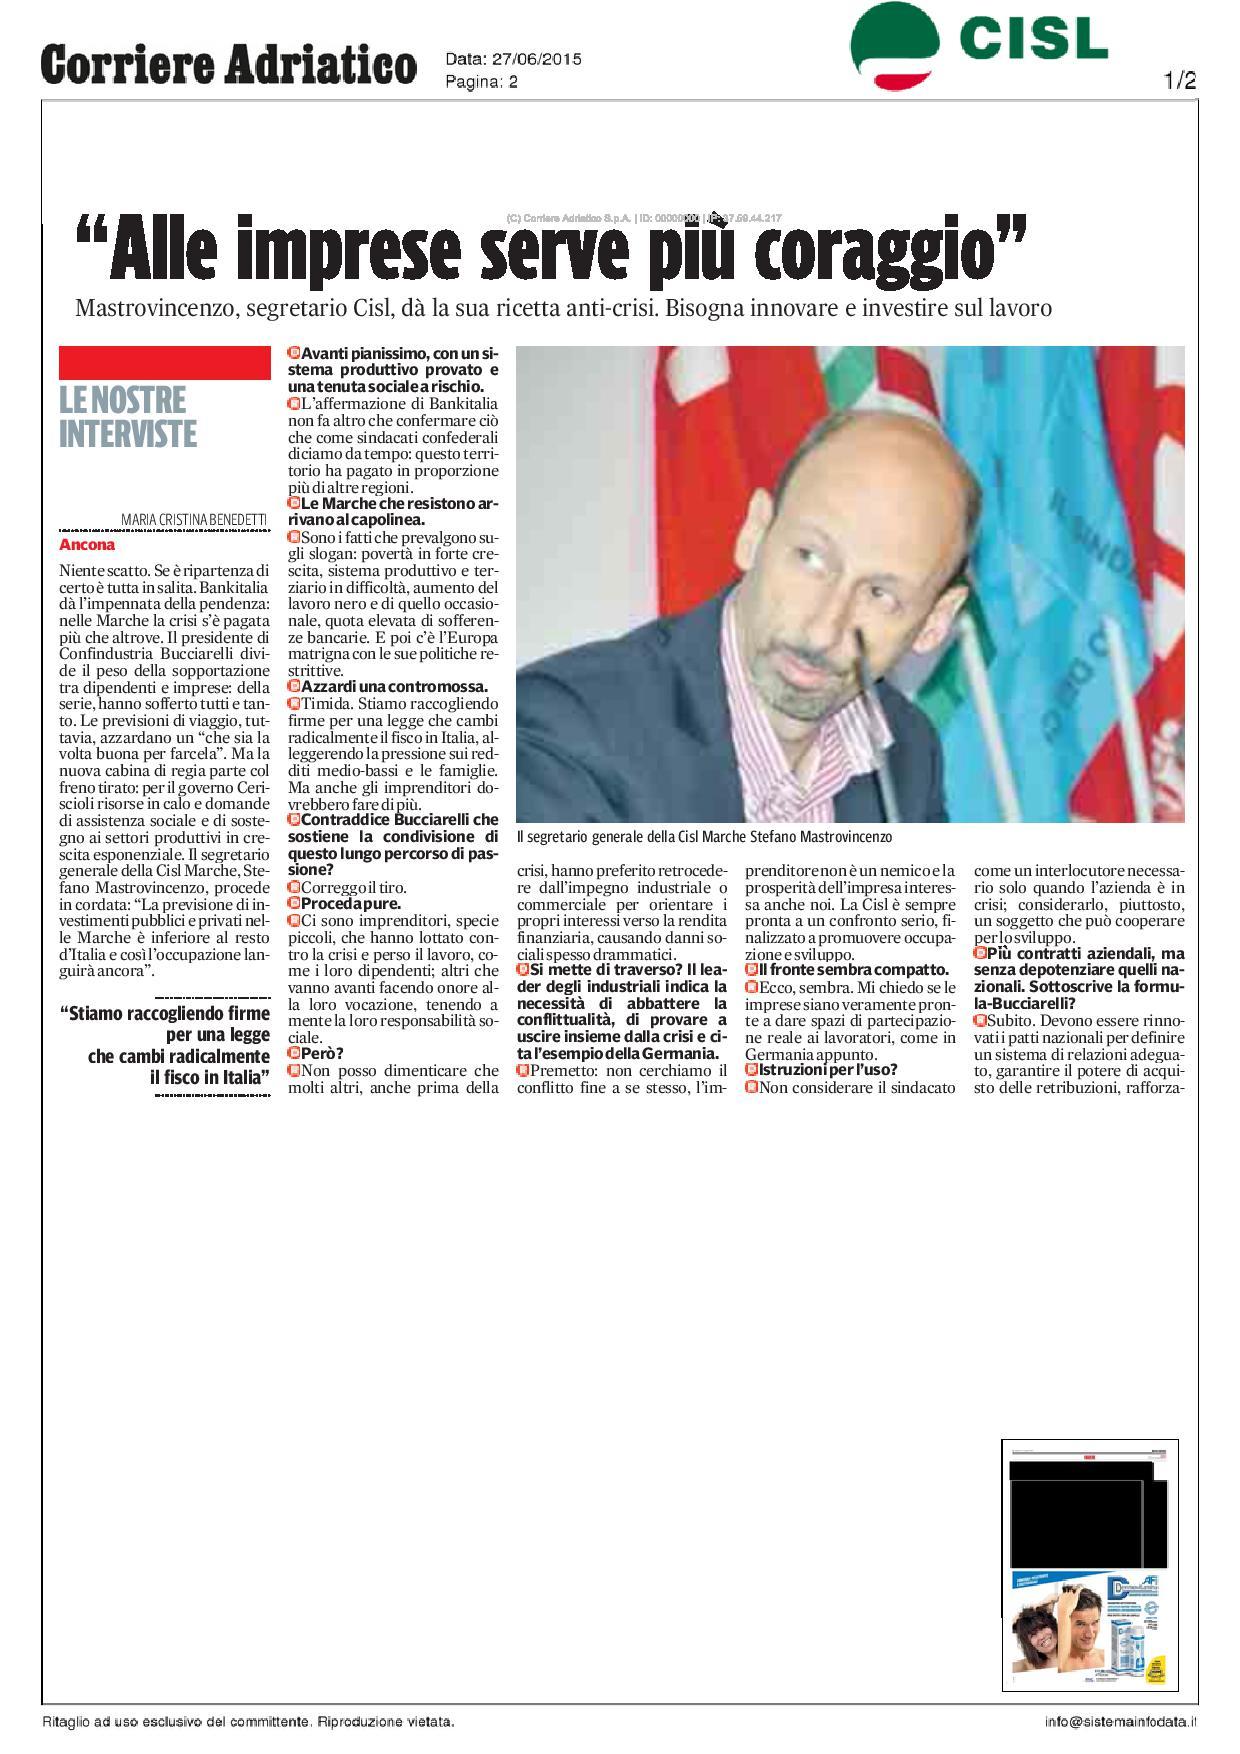 Mastrovincenzo corriereadriatico27615.pdf